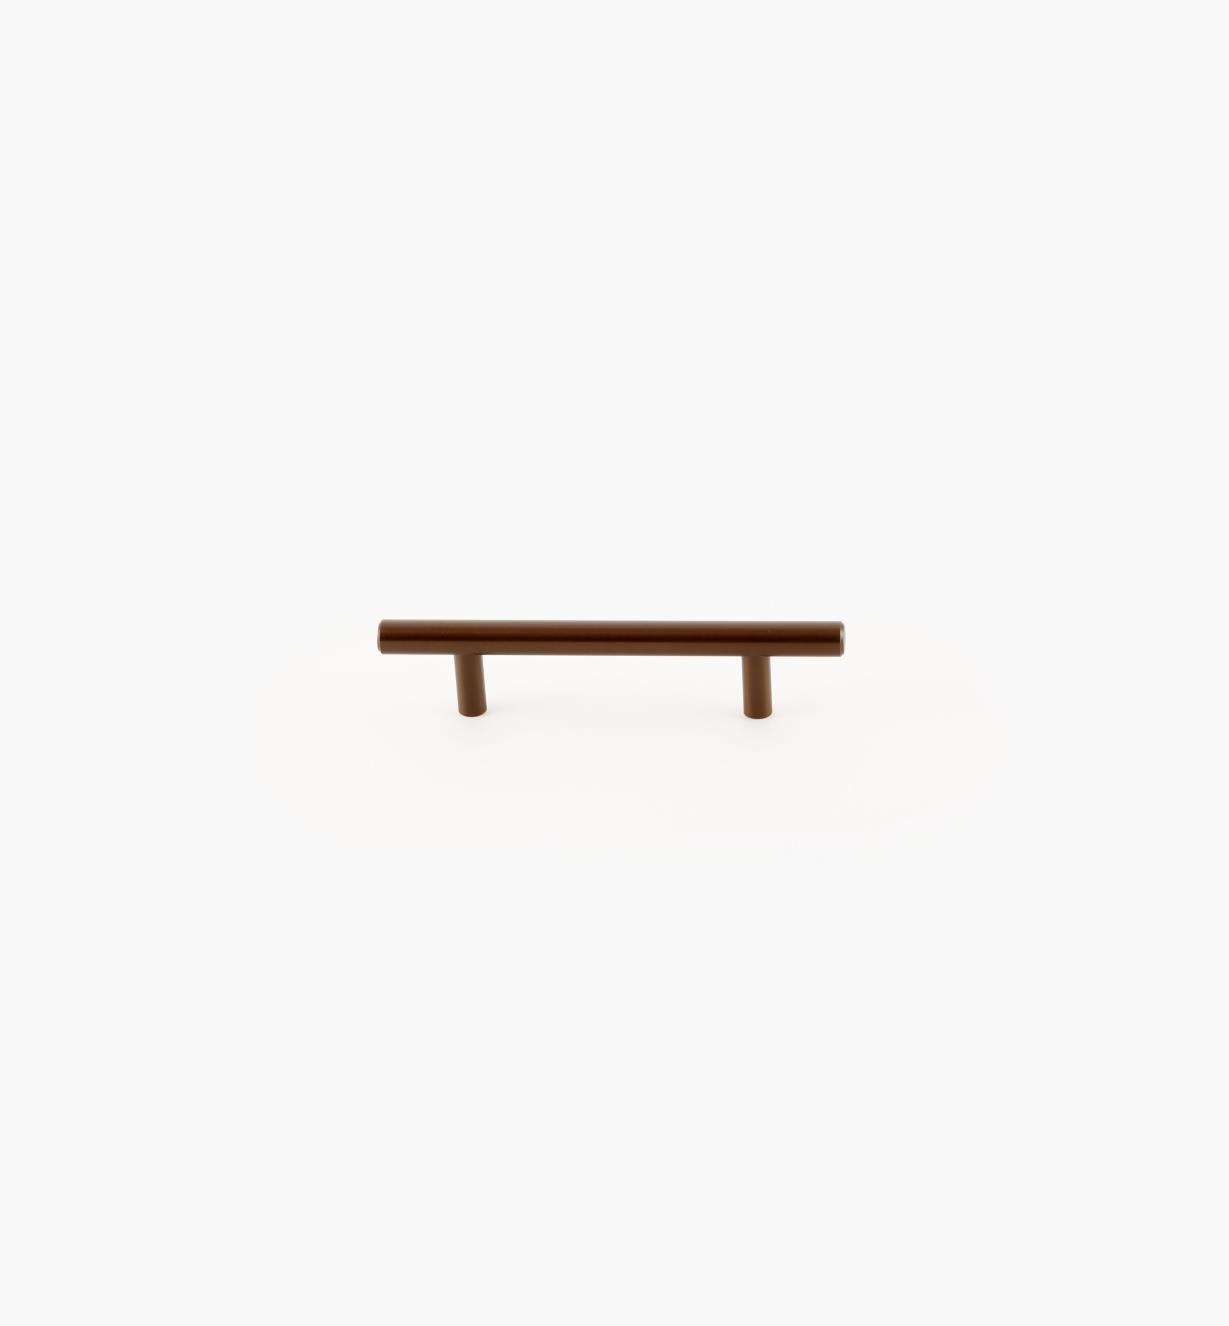 02A1476 - Bar Caramel Bronze 96mm (156mm) Pull, each